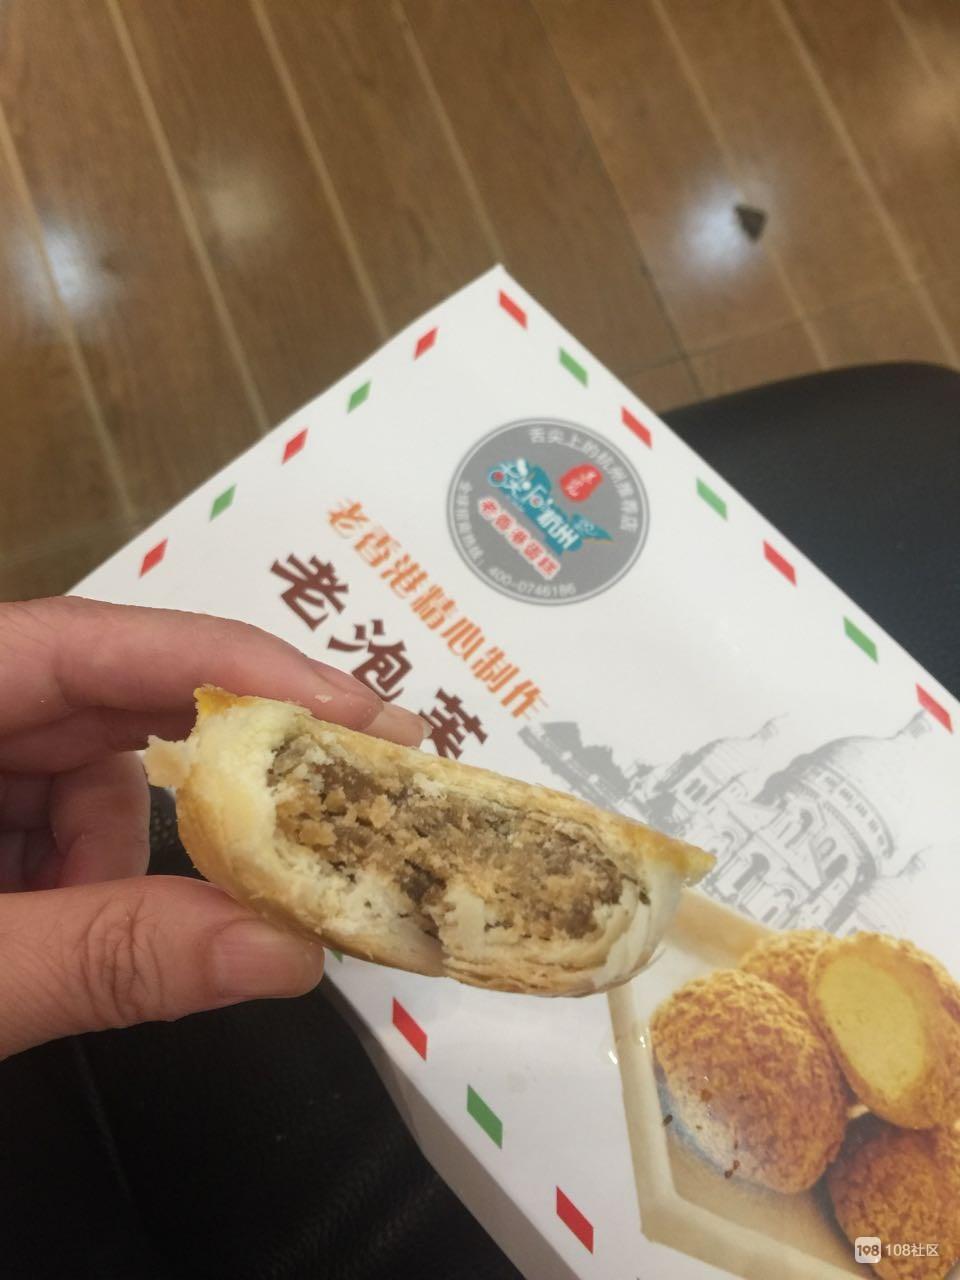 兴康南路买8个肉松饼,结果只有3个!这都能掉包?